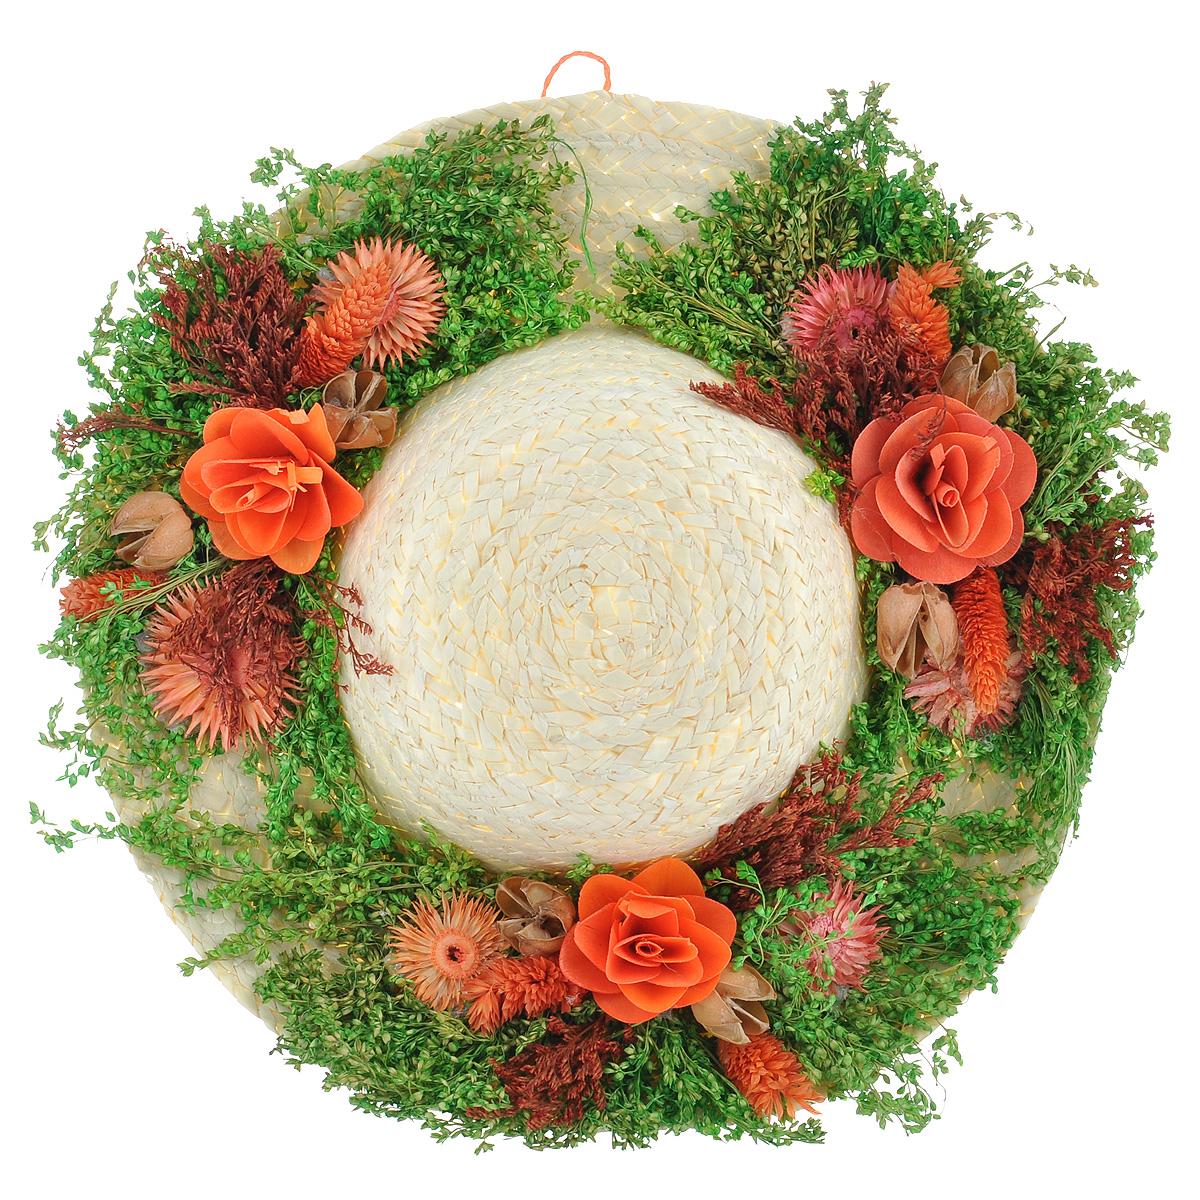 Декоративное настенное украшение Lillo Шляпа с цветами, цвет: светло-бежевый, зеленый, оранжевый103235Декоративное подвесное украшение Lillo Шляпа выполнено из натуральной соломы и украшено сухоцветами. Такая шляпа станет изящным элементом декора в вашем доме. С задней стороны расположена петелька для подвешивания. Такое украшение не только подчеркнет ваш изысканный вкус, но и прекрасным подарком, который обязательно порадует получателя.Диаметр шляпы: 28 см.